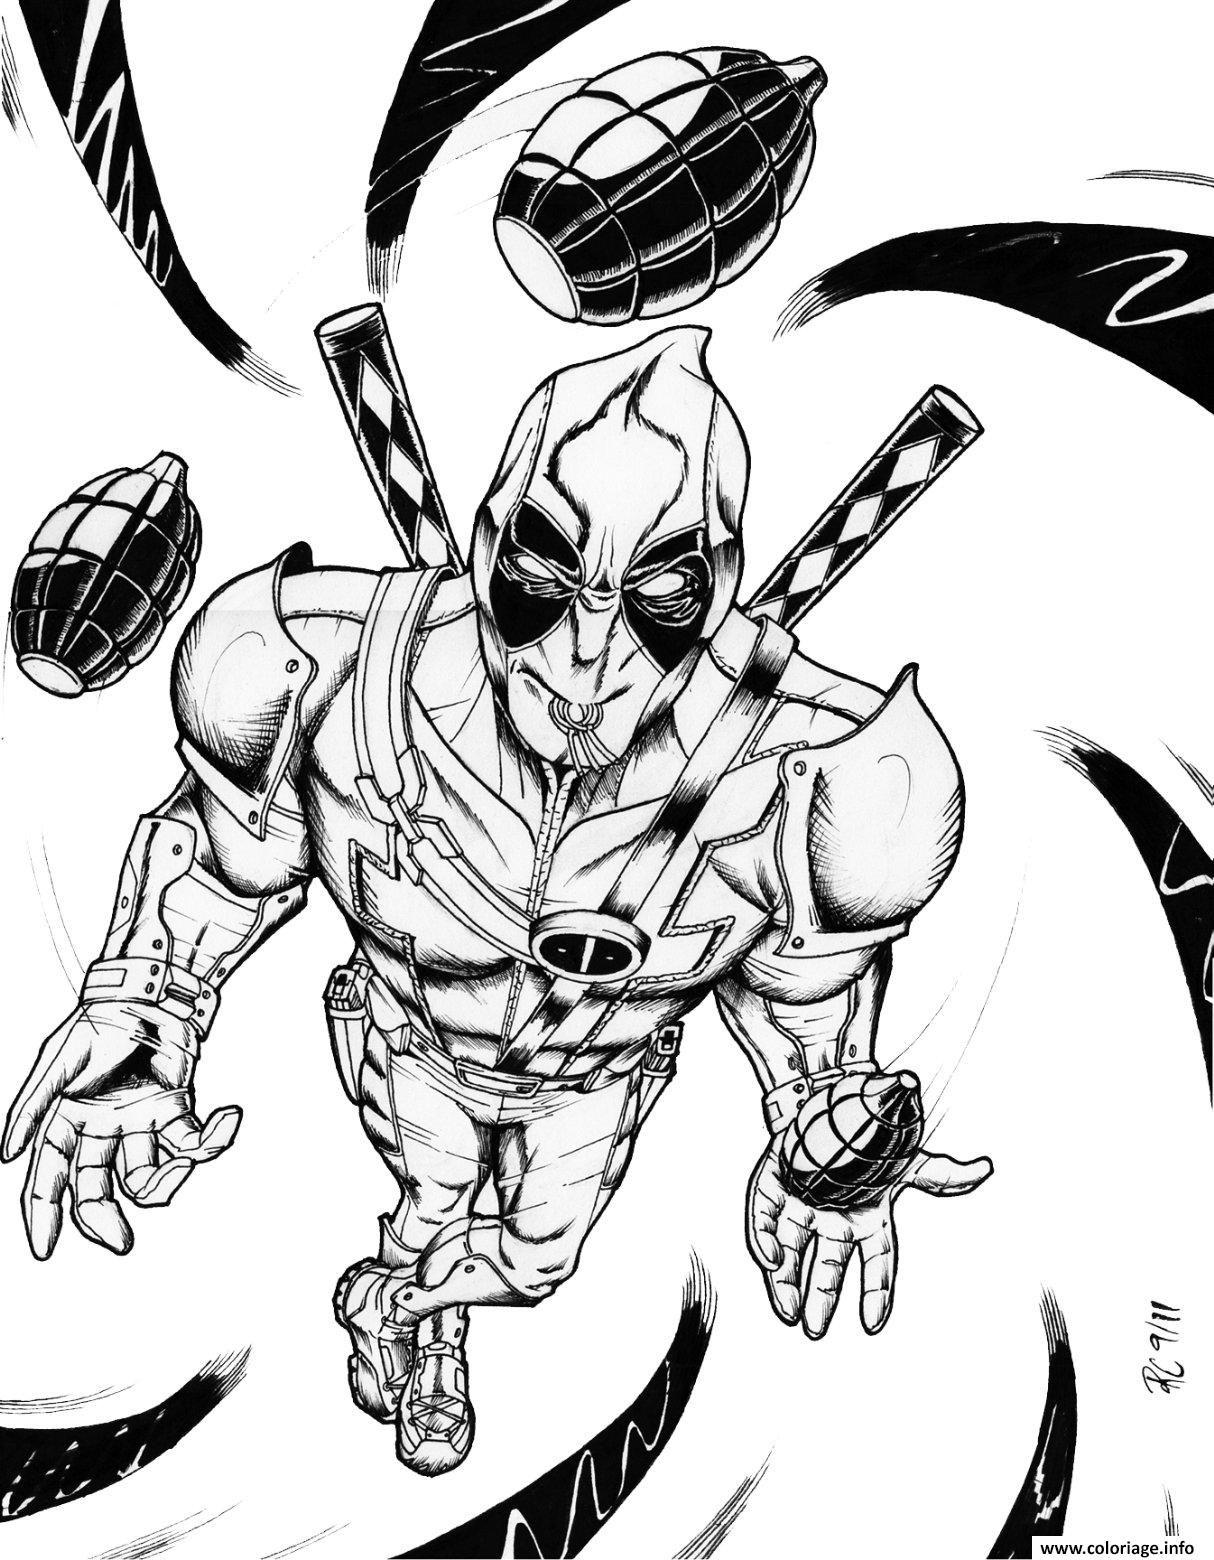 Coloriage deadpool dessin anime 9 dessin imprimer ma l - Deadpool dessin ...